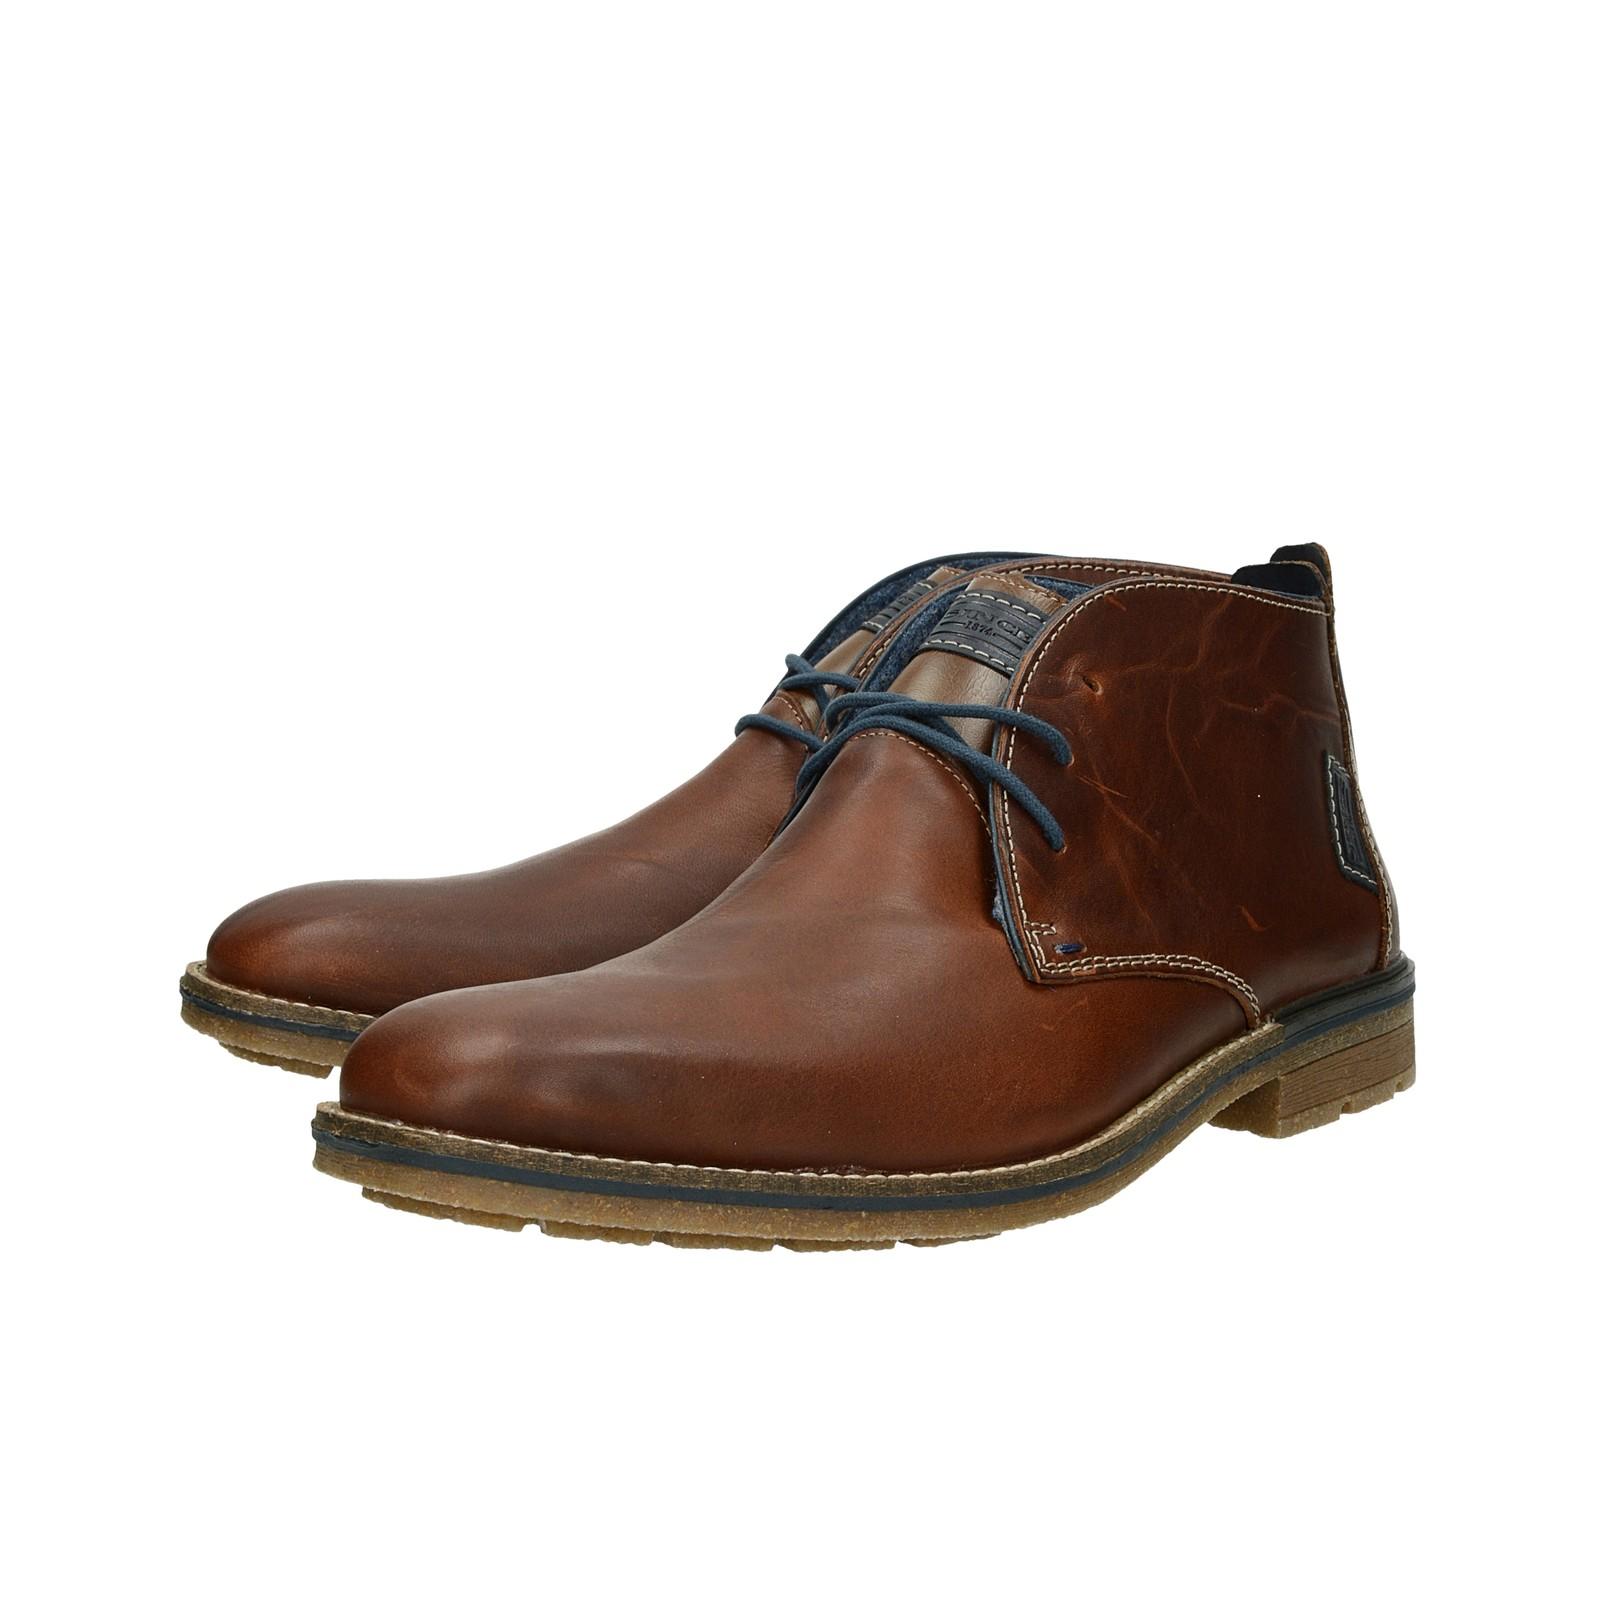 2c2ebef3e304e Rieker pánska kožená členková obuv - hnedá   F131025-MARRONE www ...